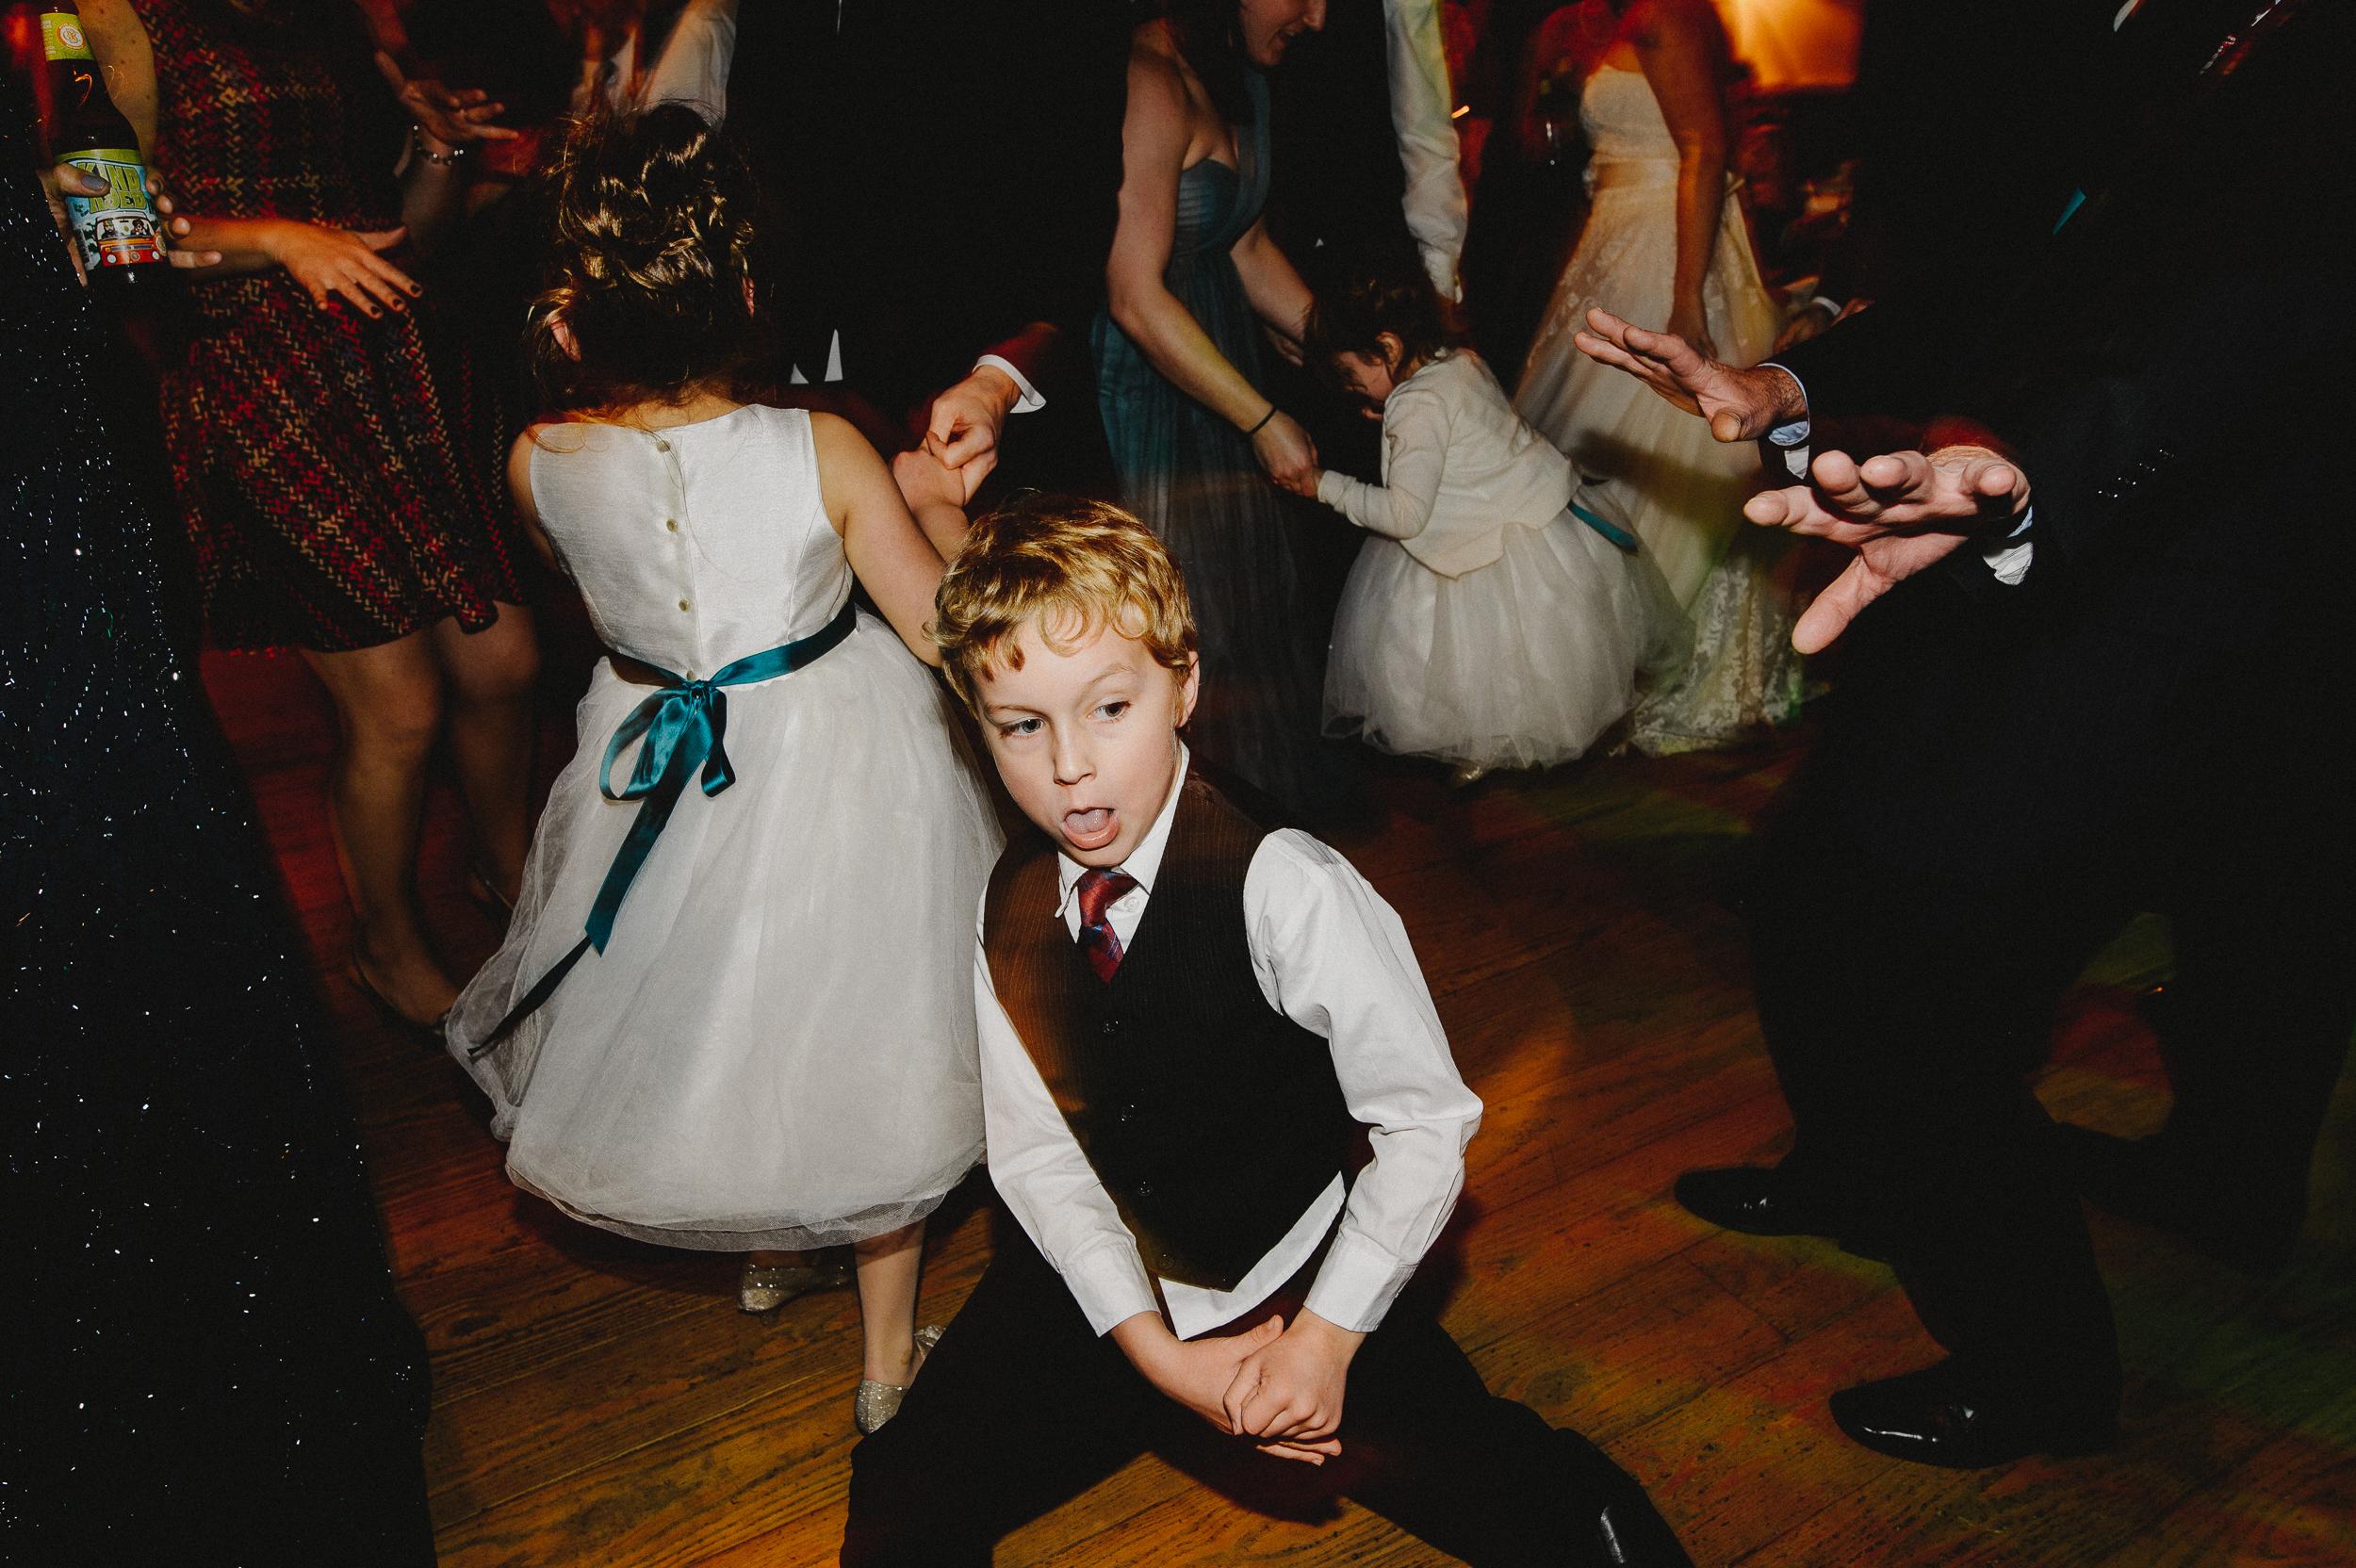 vermont-destination-wedding-photographer-70.jpg